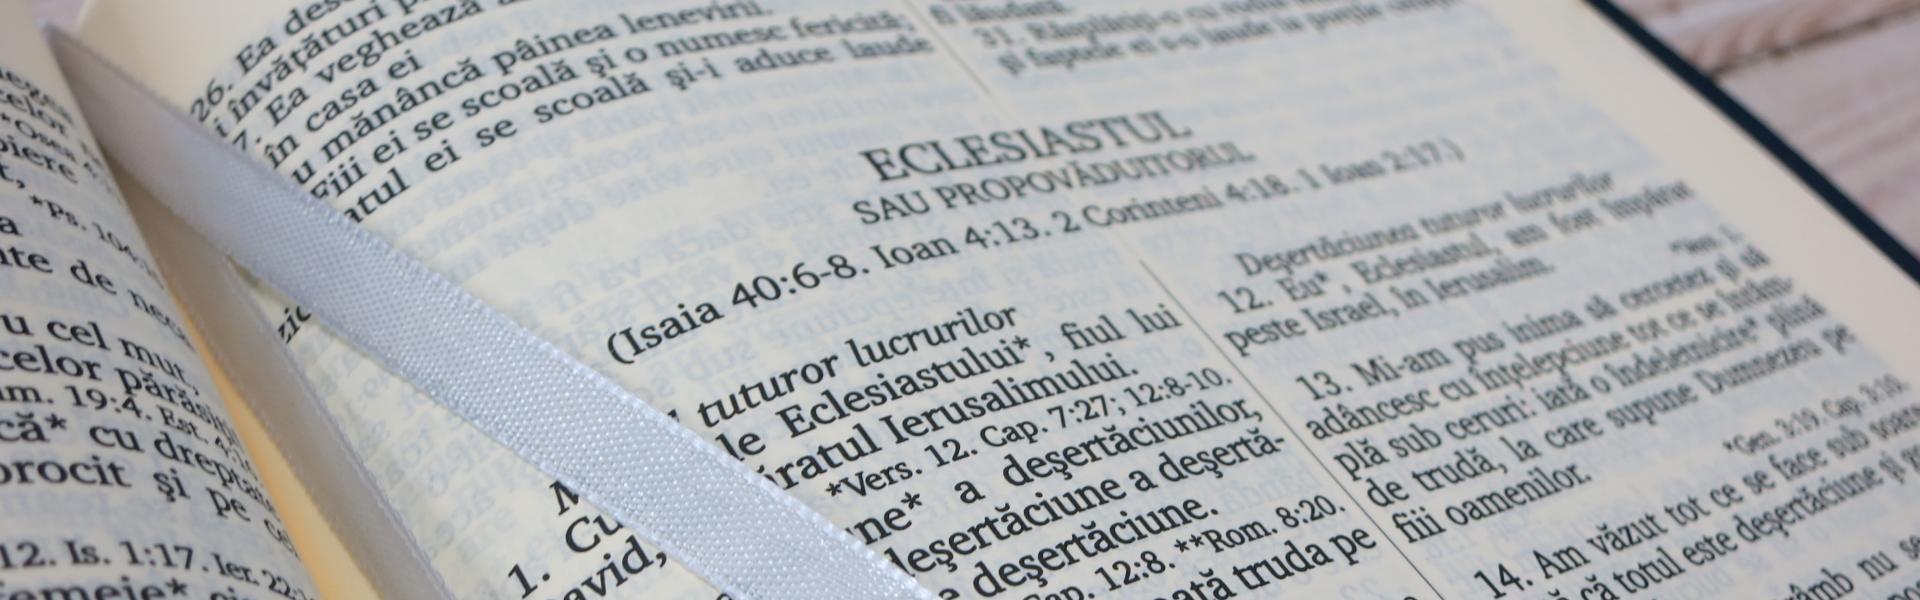 Biserica Evanghelica Penticostala Romana Zurich Elvetia